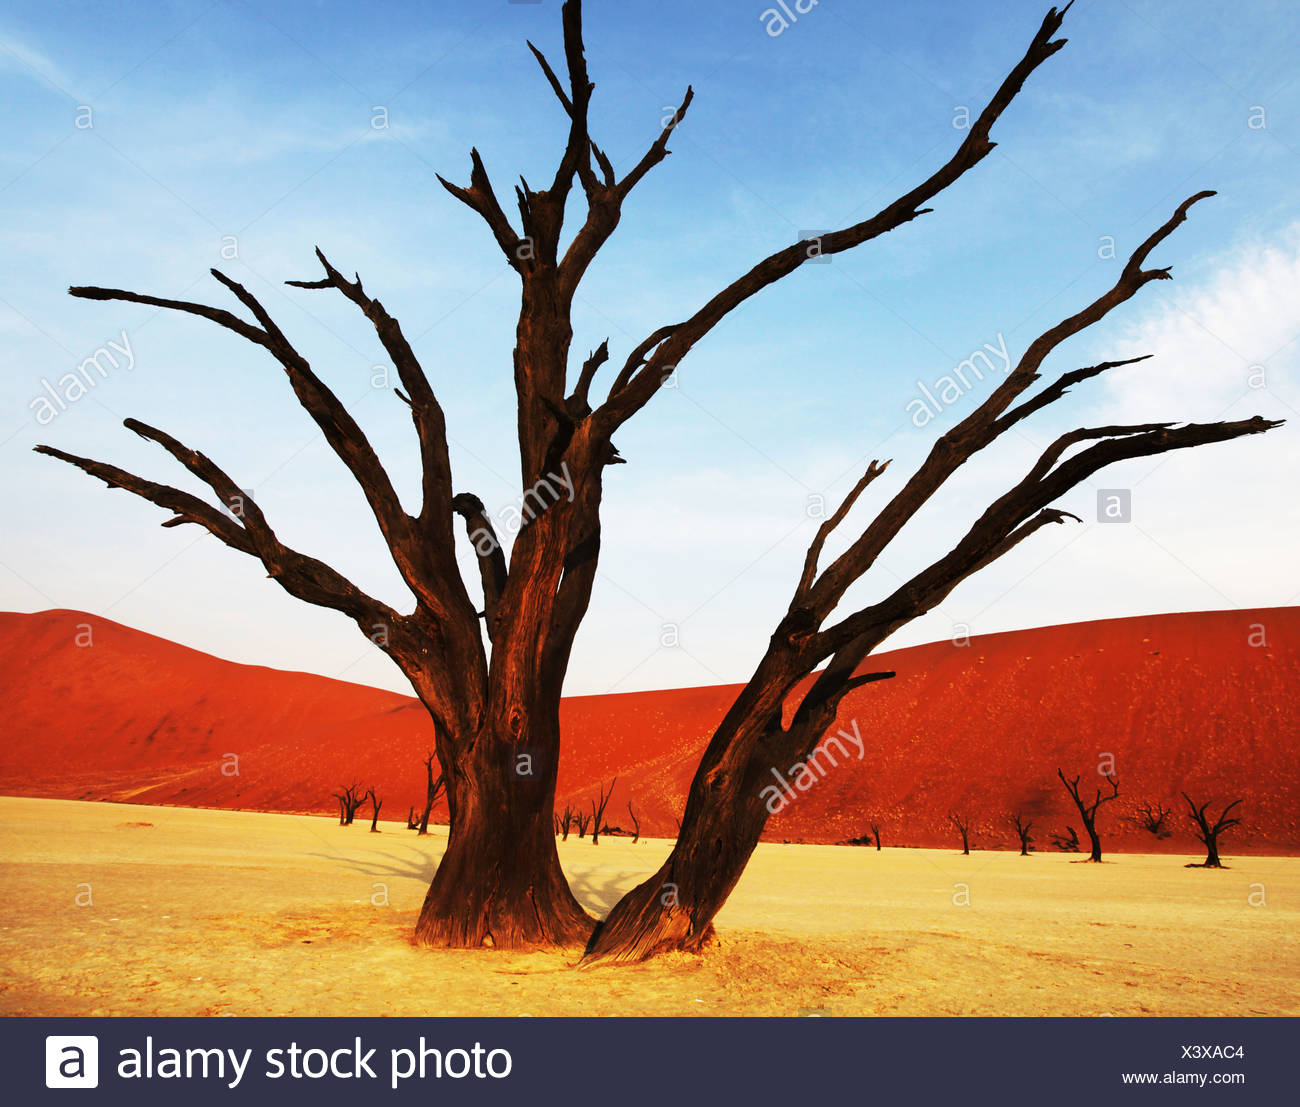 Valle de la muerte en Namibia Imagen De Stock